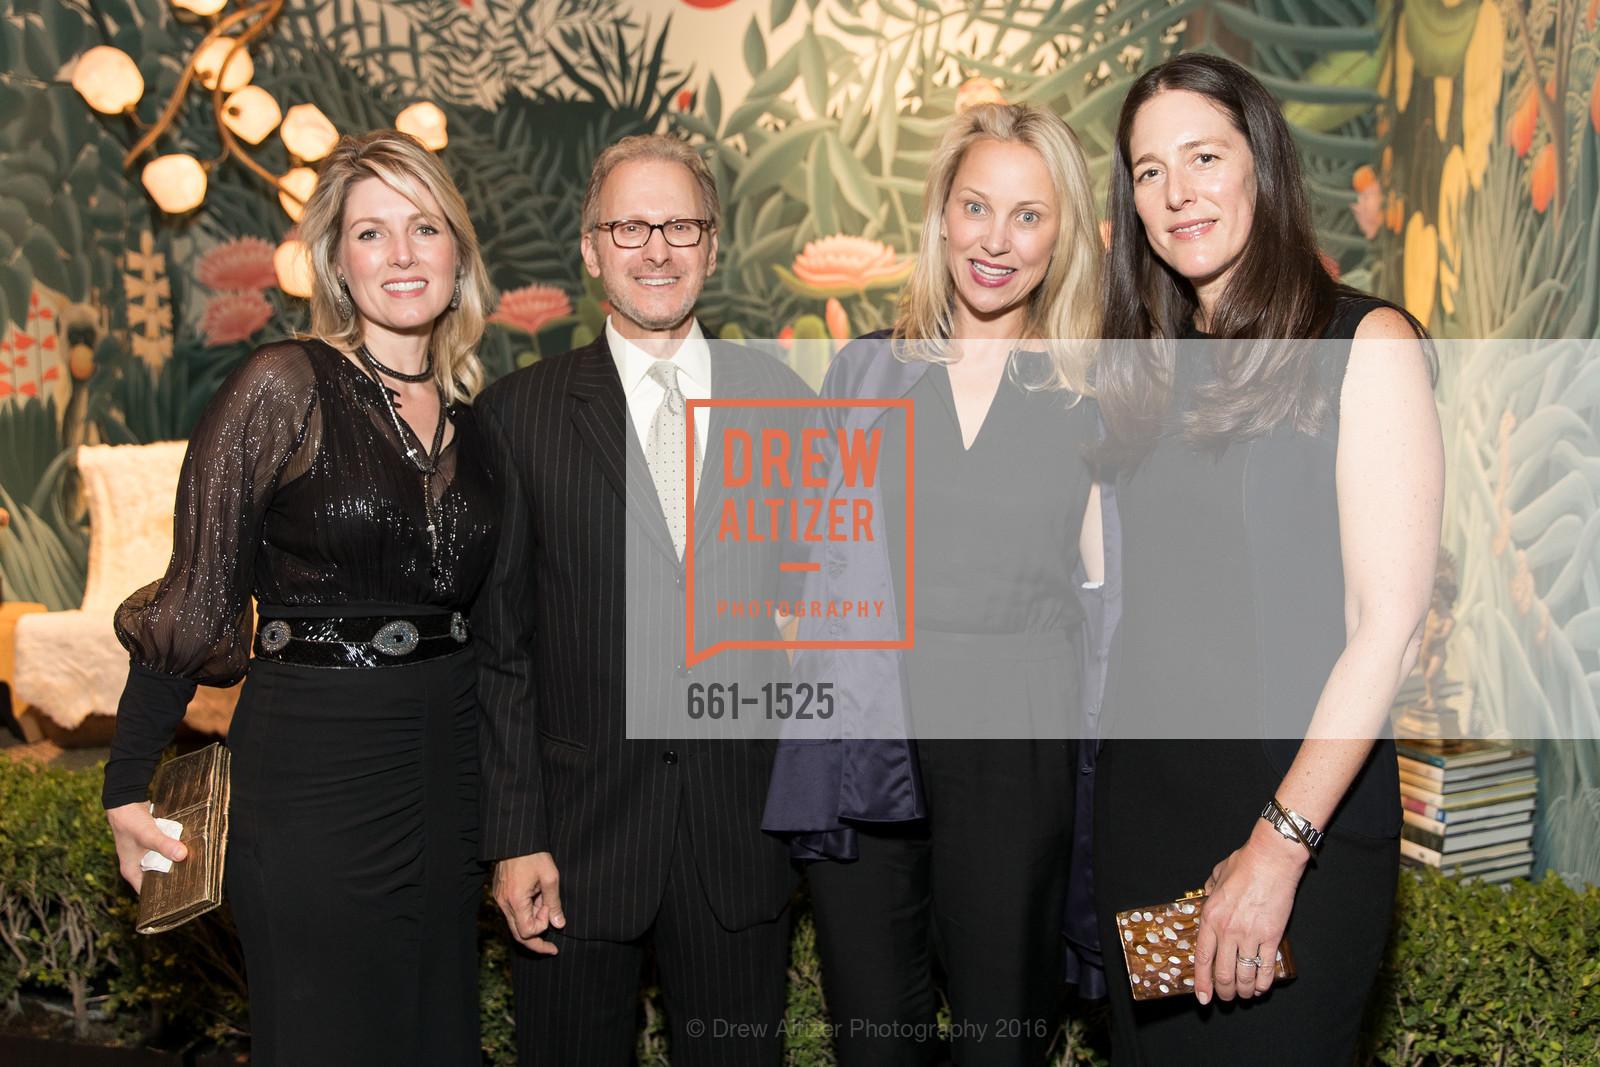 Janelle Loevner, Kirk Loevner, Shelley Gordon, Lisa Tarter, Photo #661-1525